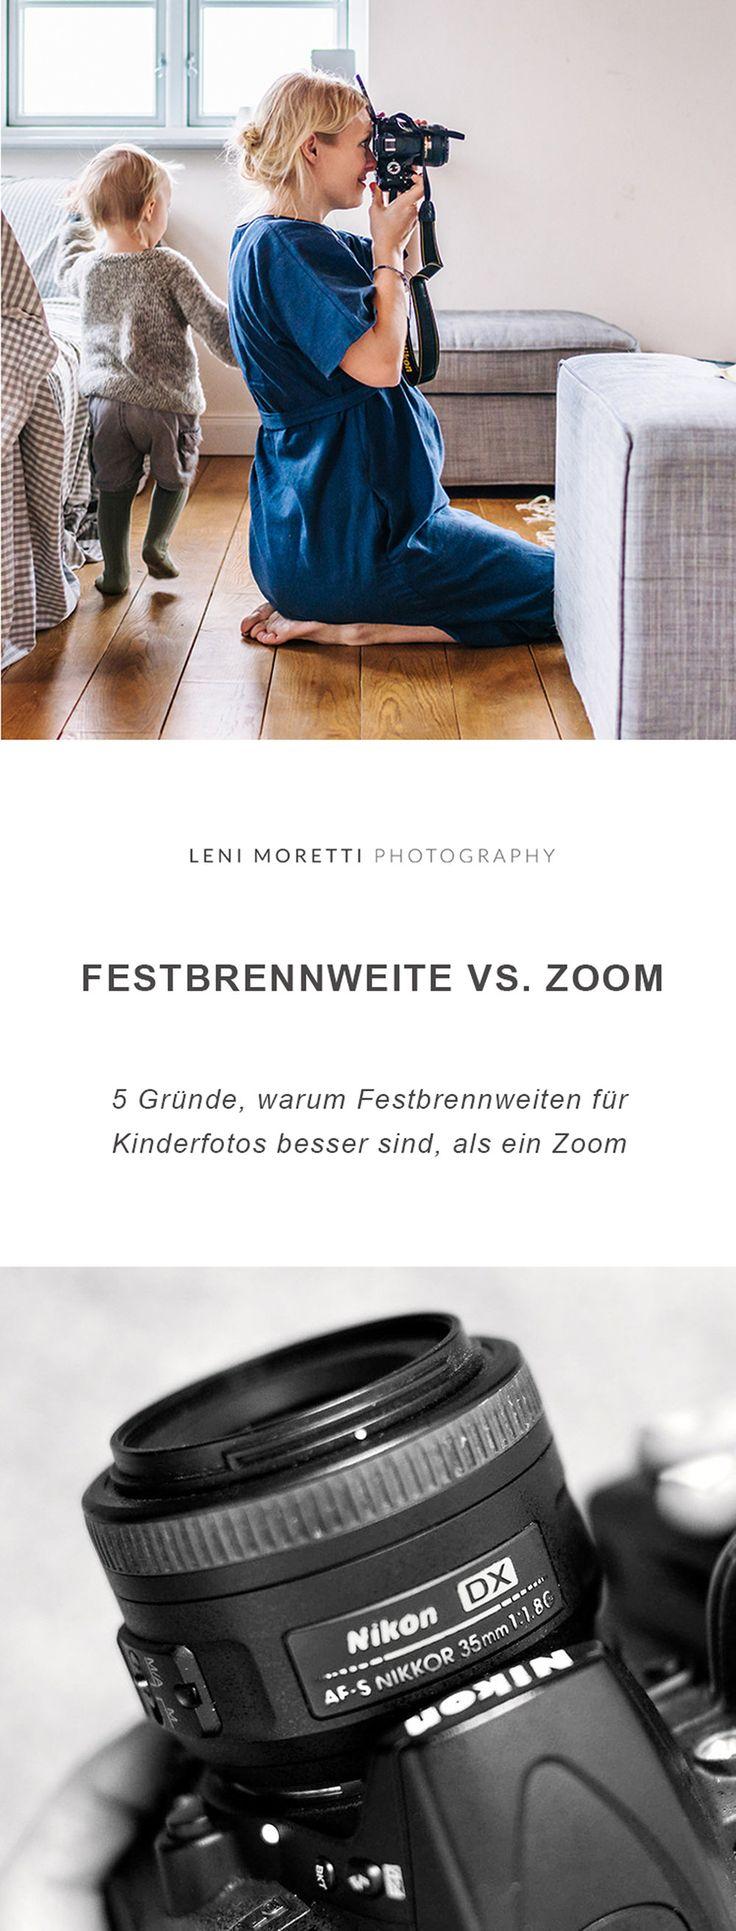 Gemütlich E Montieren Full Frame Linsen Galerie - Rahmen Ideen ...